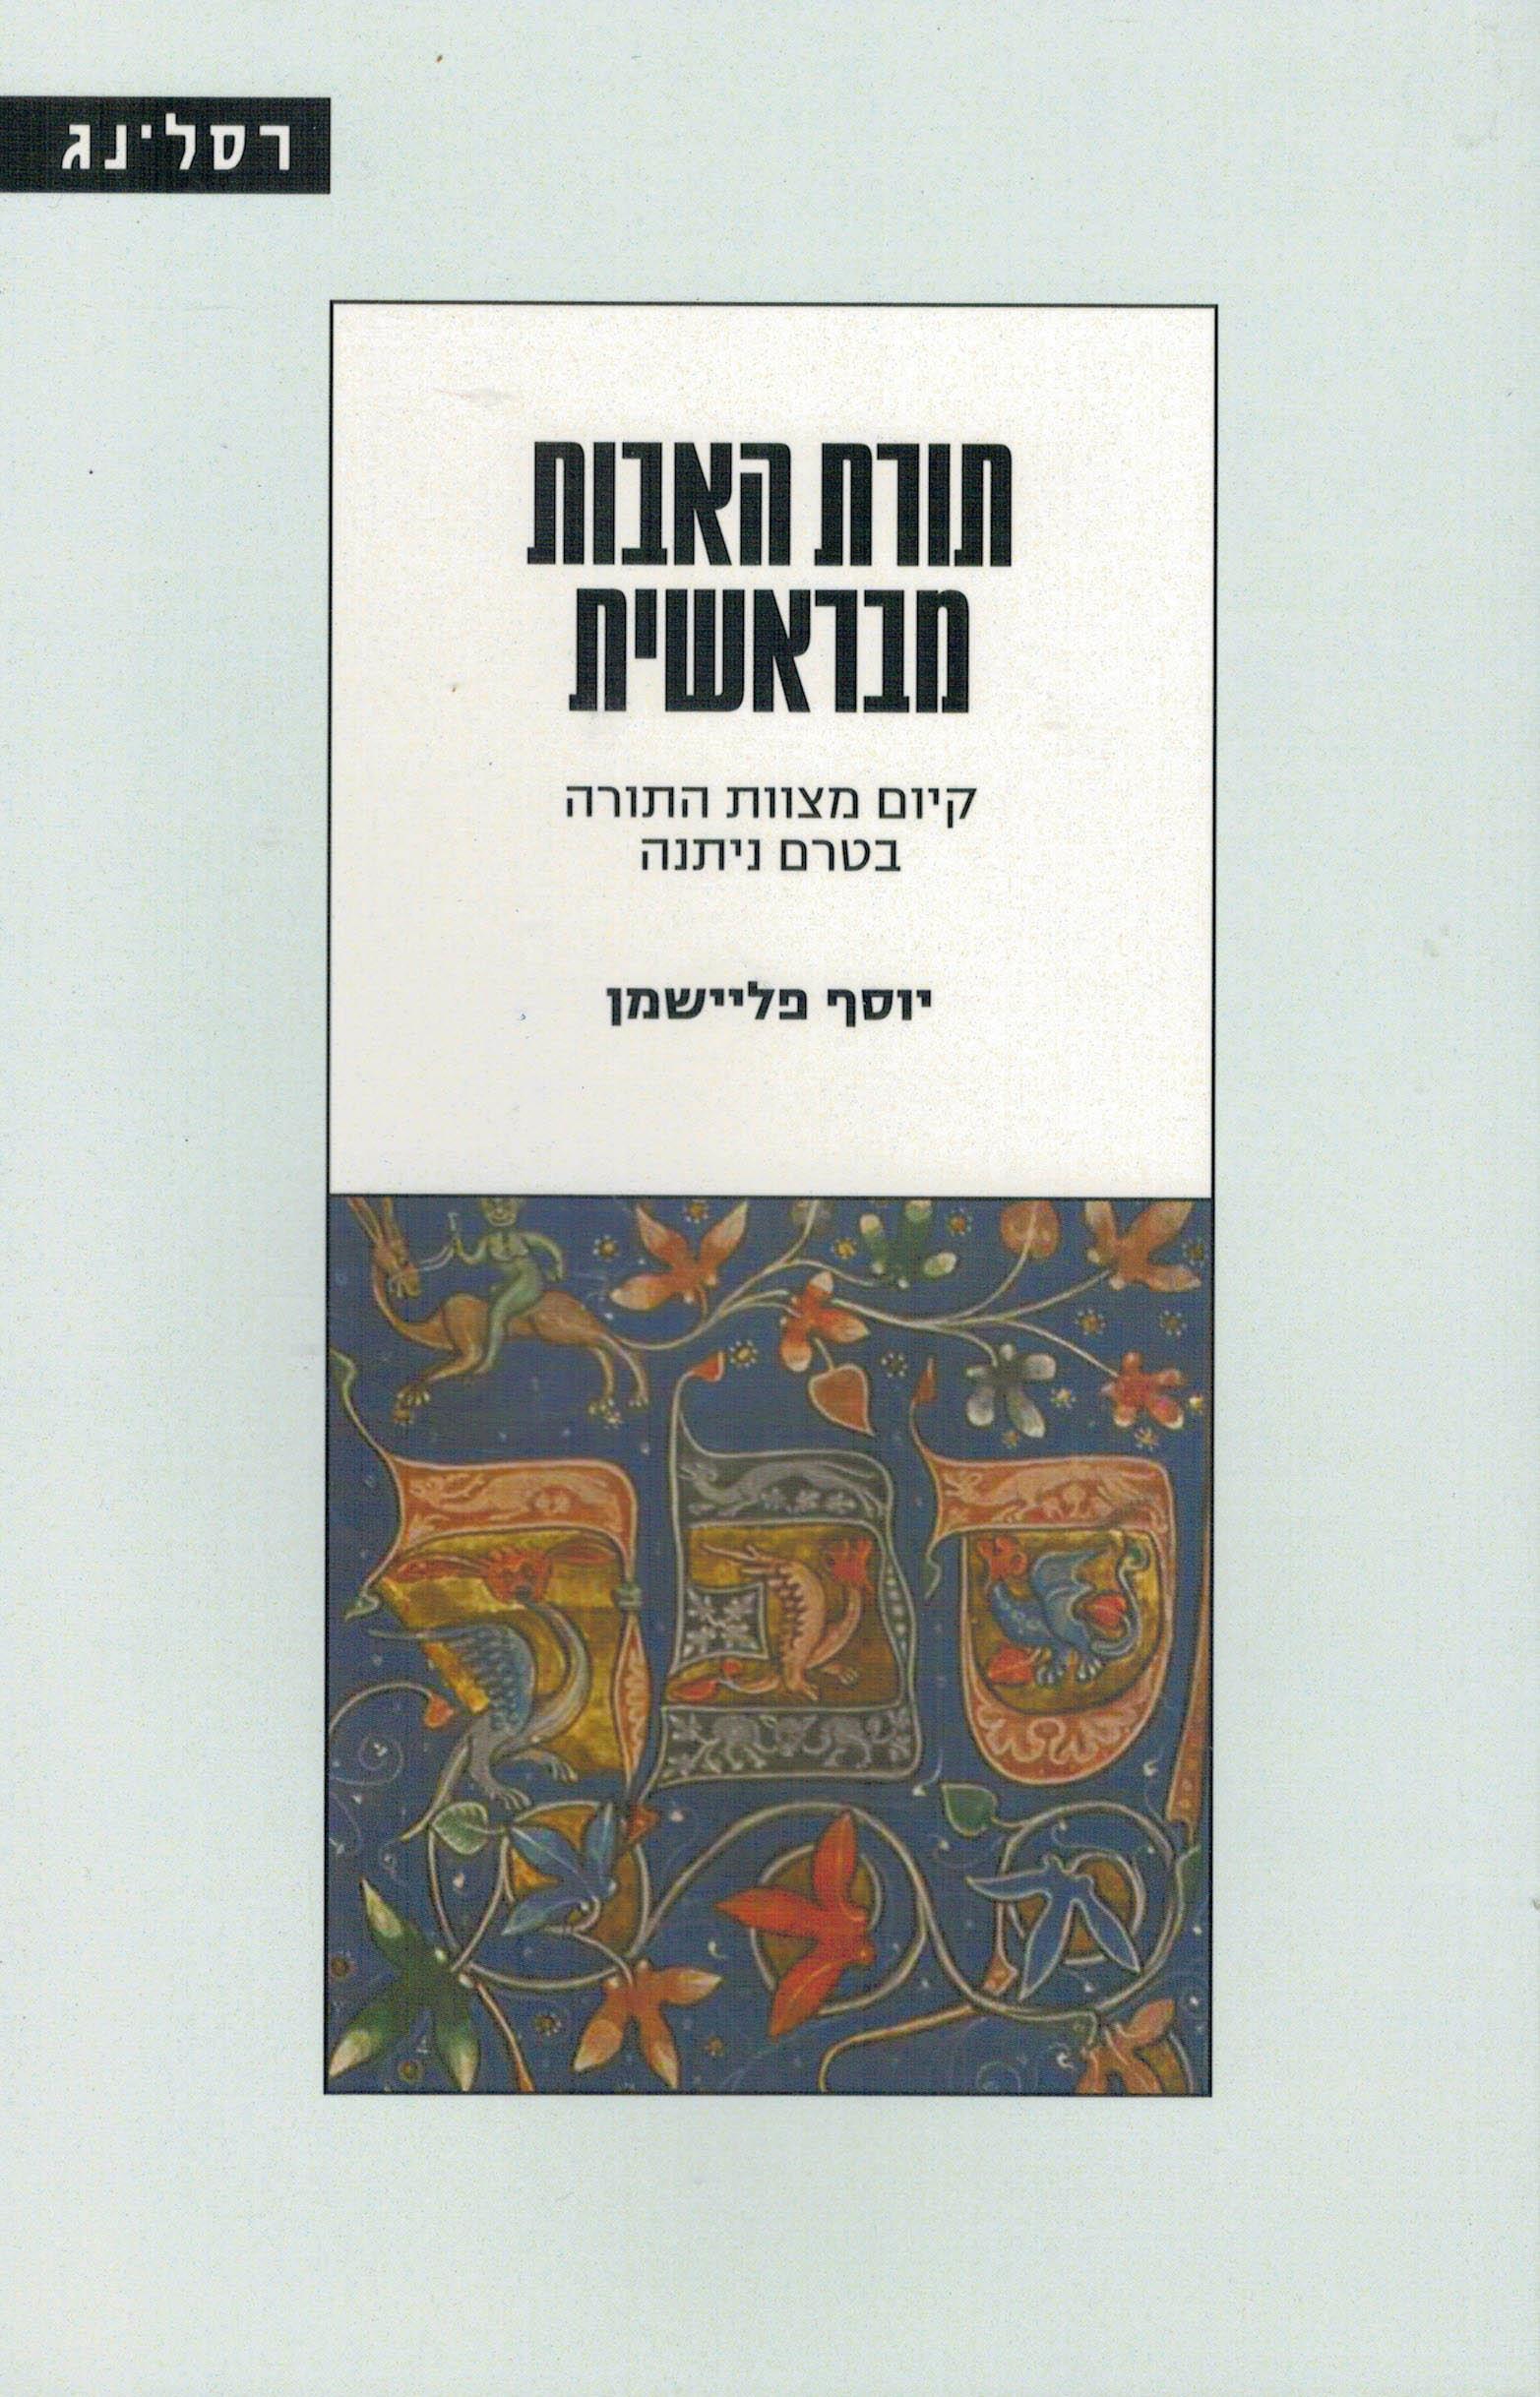 תורת האבות מבראשית - קיום מצוות התורה בטרם ניתנה / יוסף פליישמן